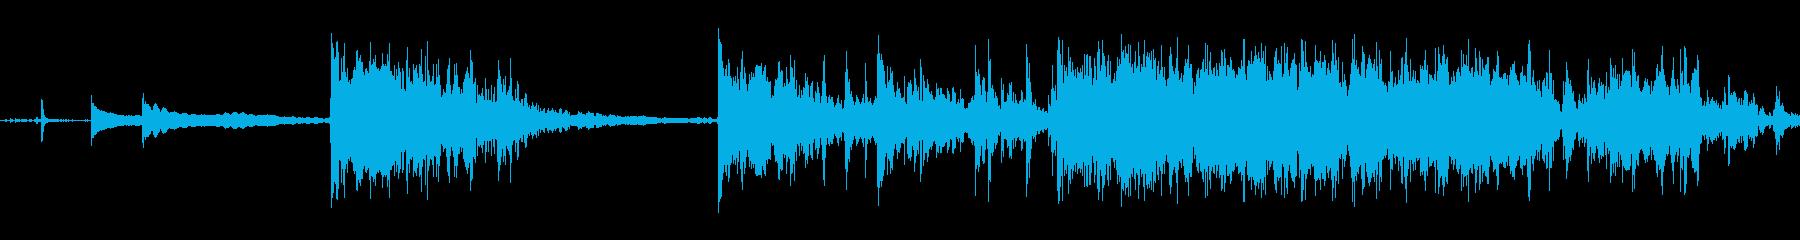 多めの硬貨を机に落とす音Bの再生済みの波形